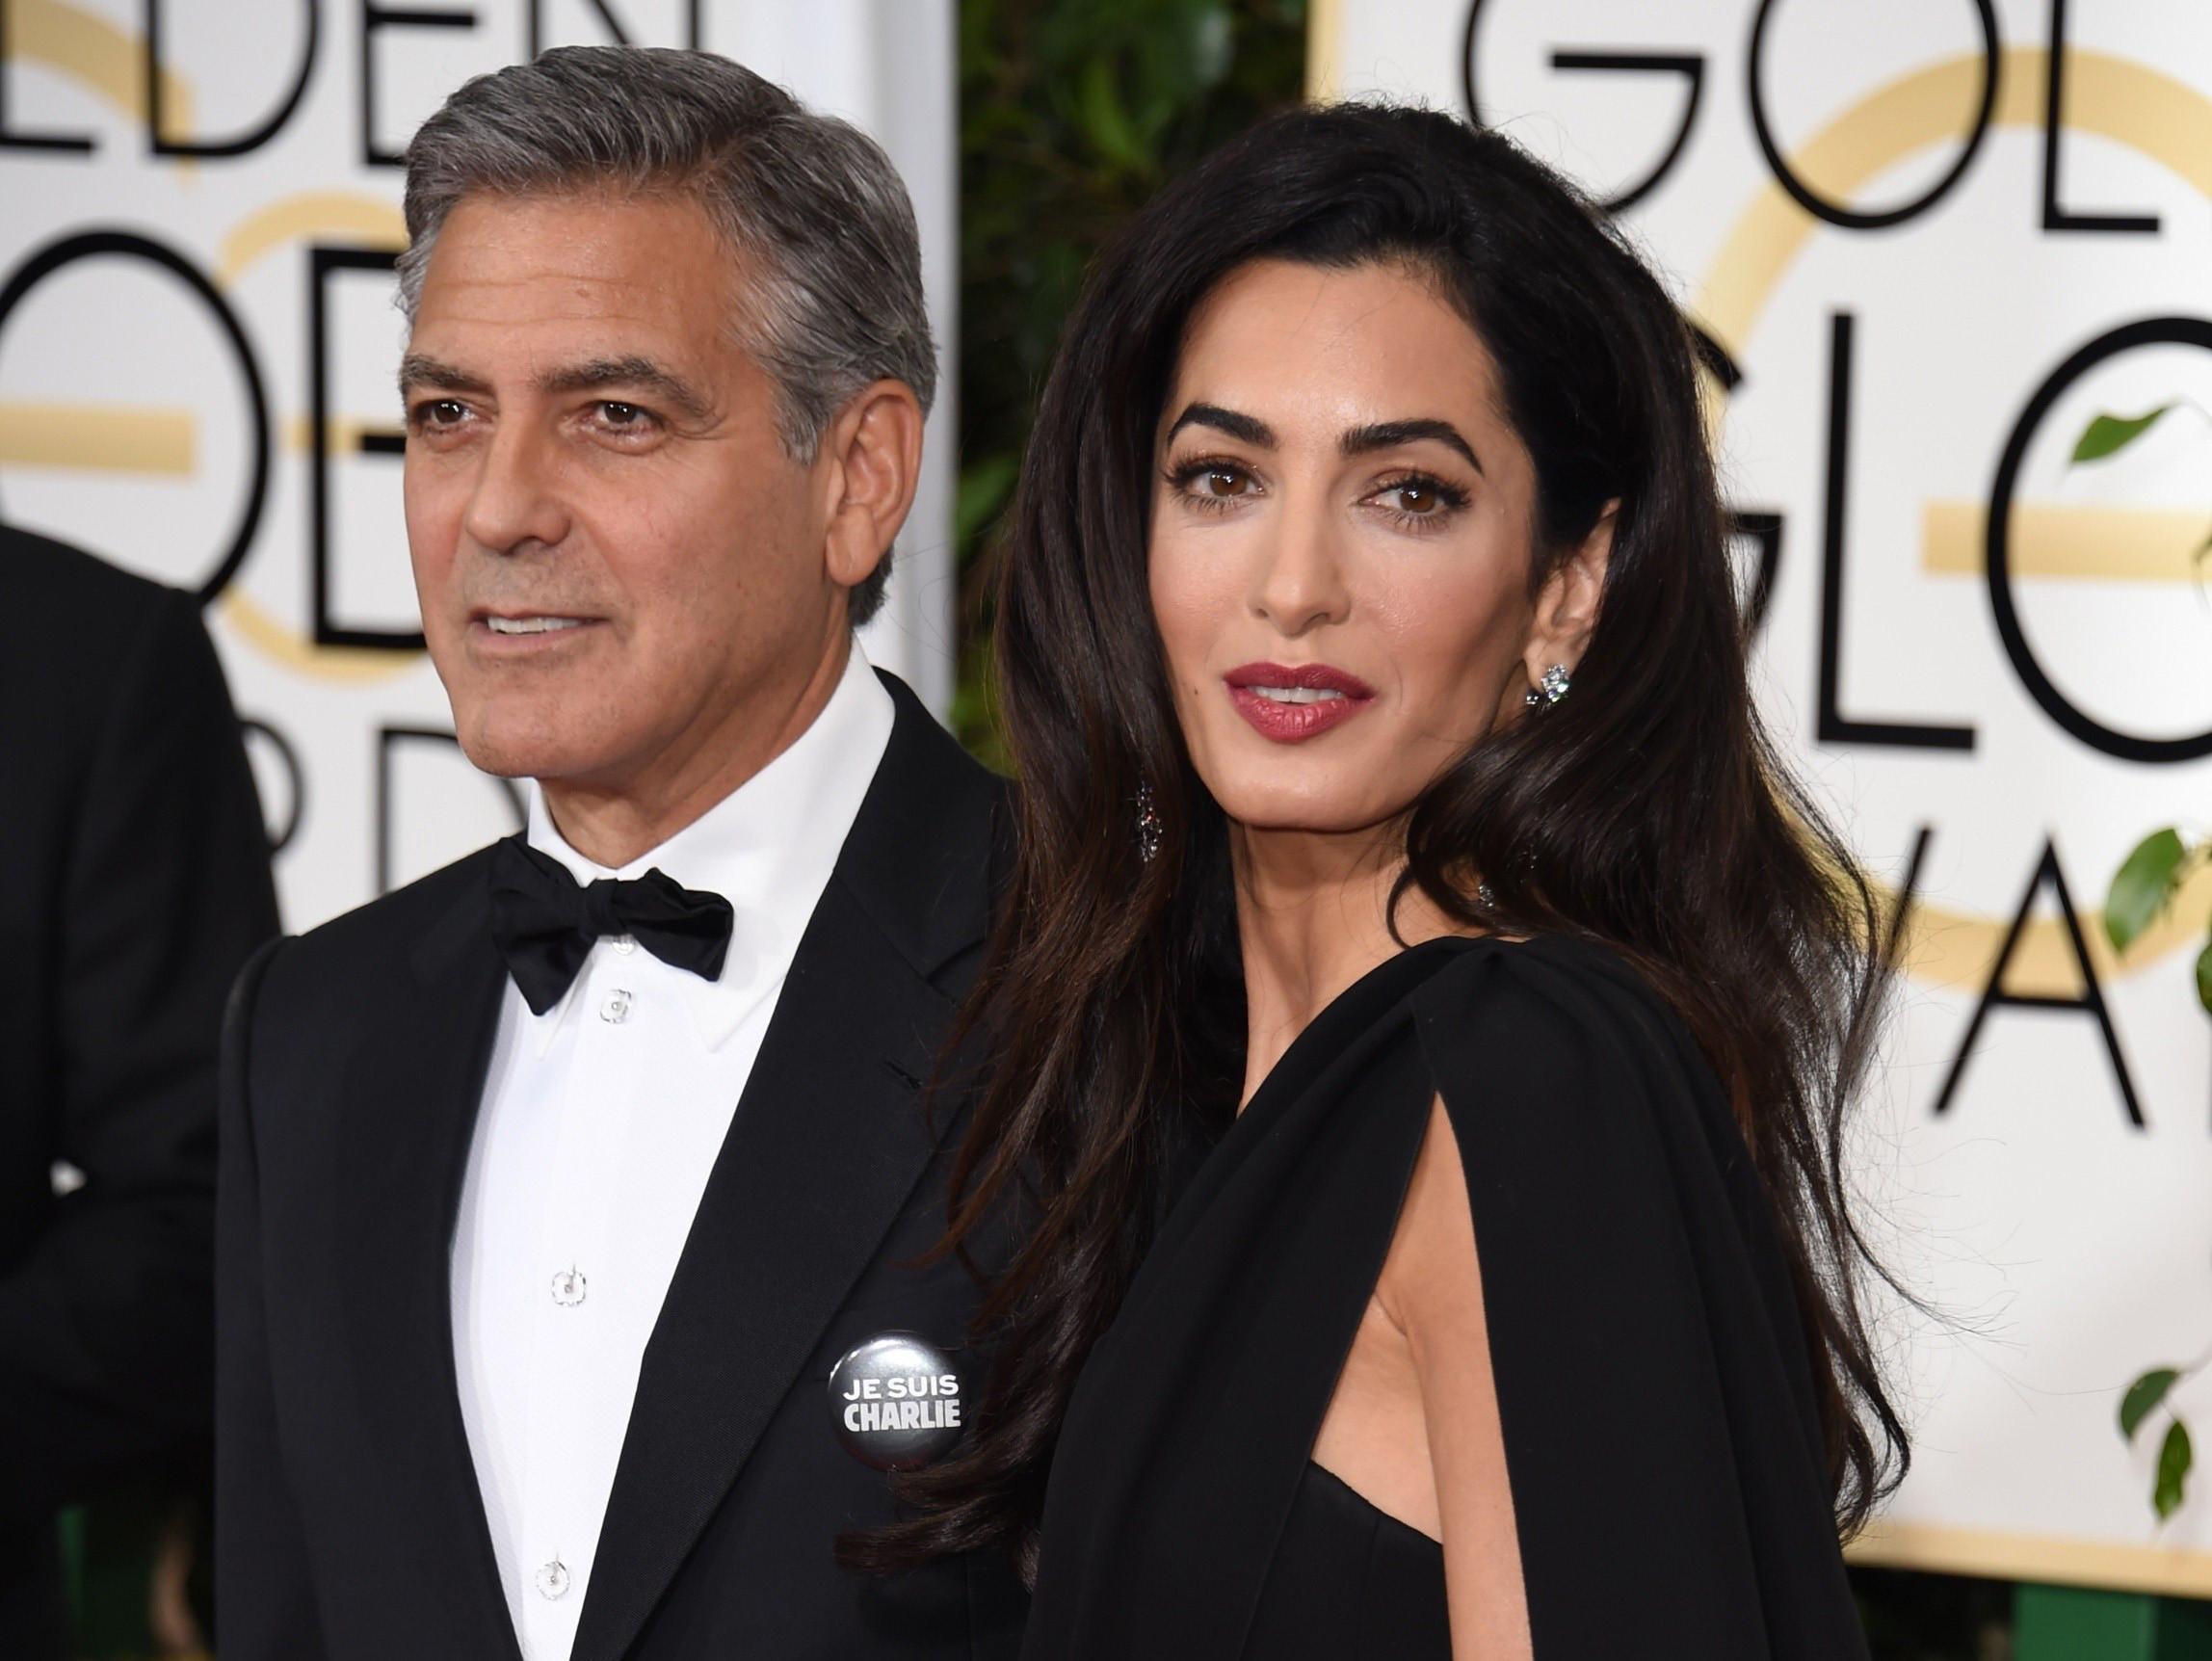 Супруг Синди Кроуфорд поведал, накого схожи новорожденные двойняшки Джорджа Клуни